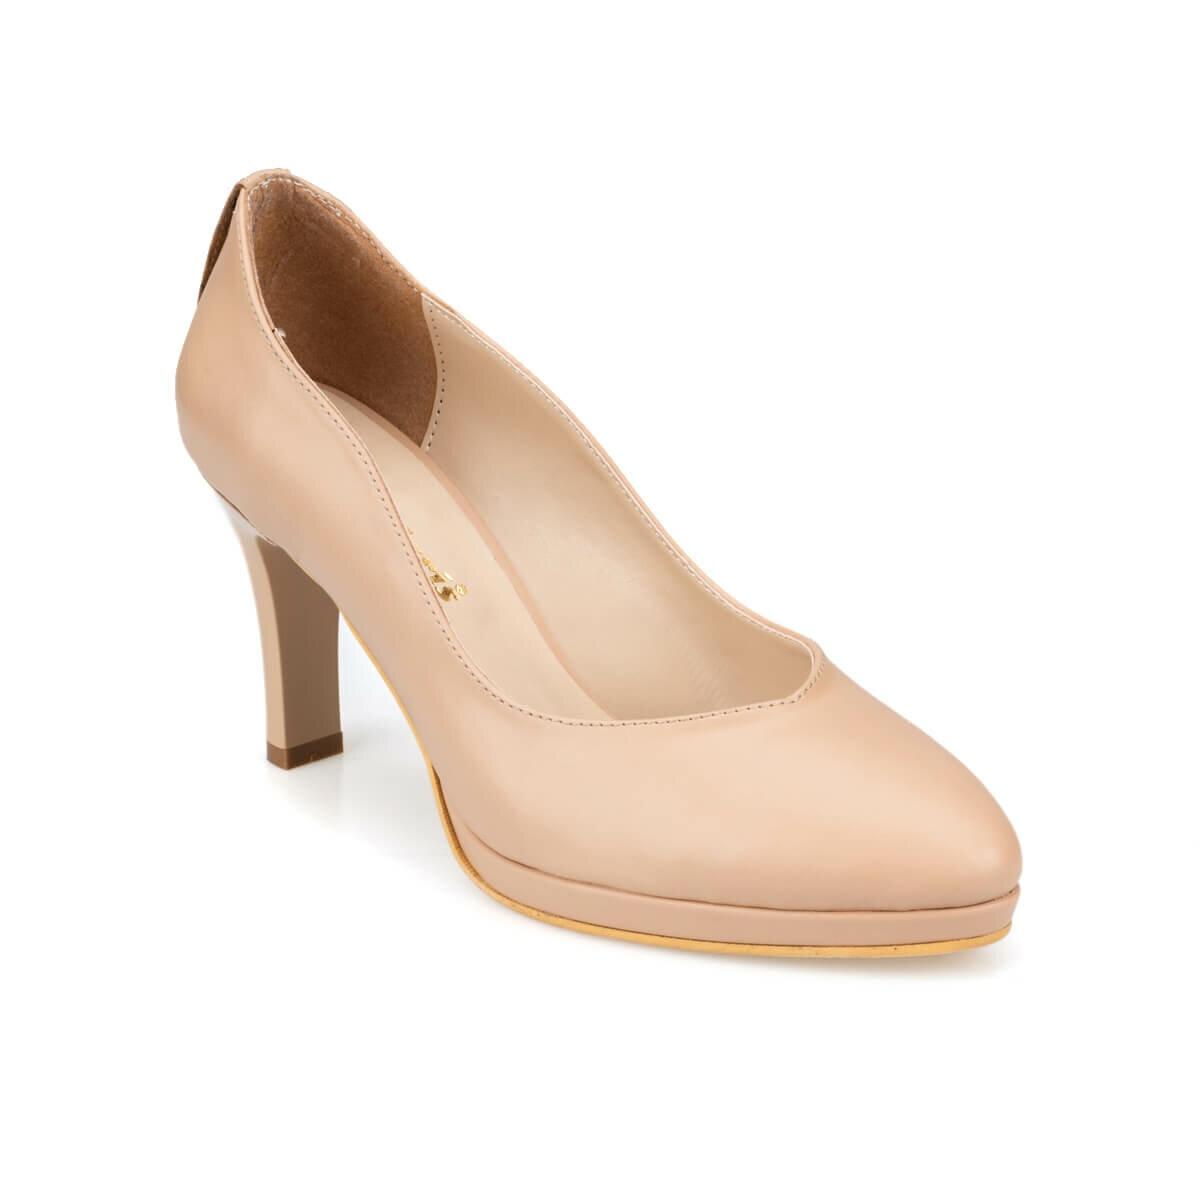 FLO 91. 313141.Z Beige Women 'S Shoes Polaris